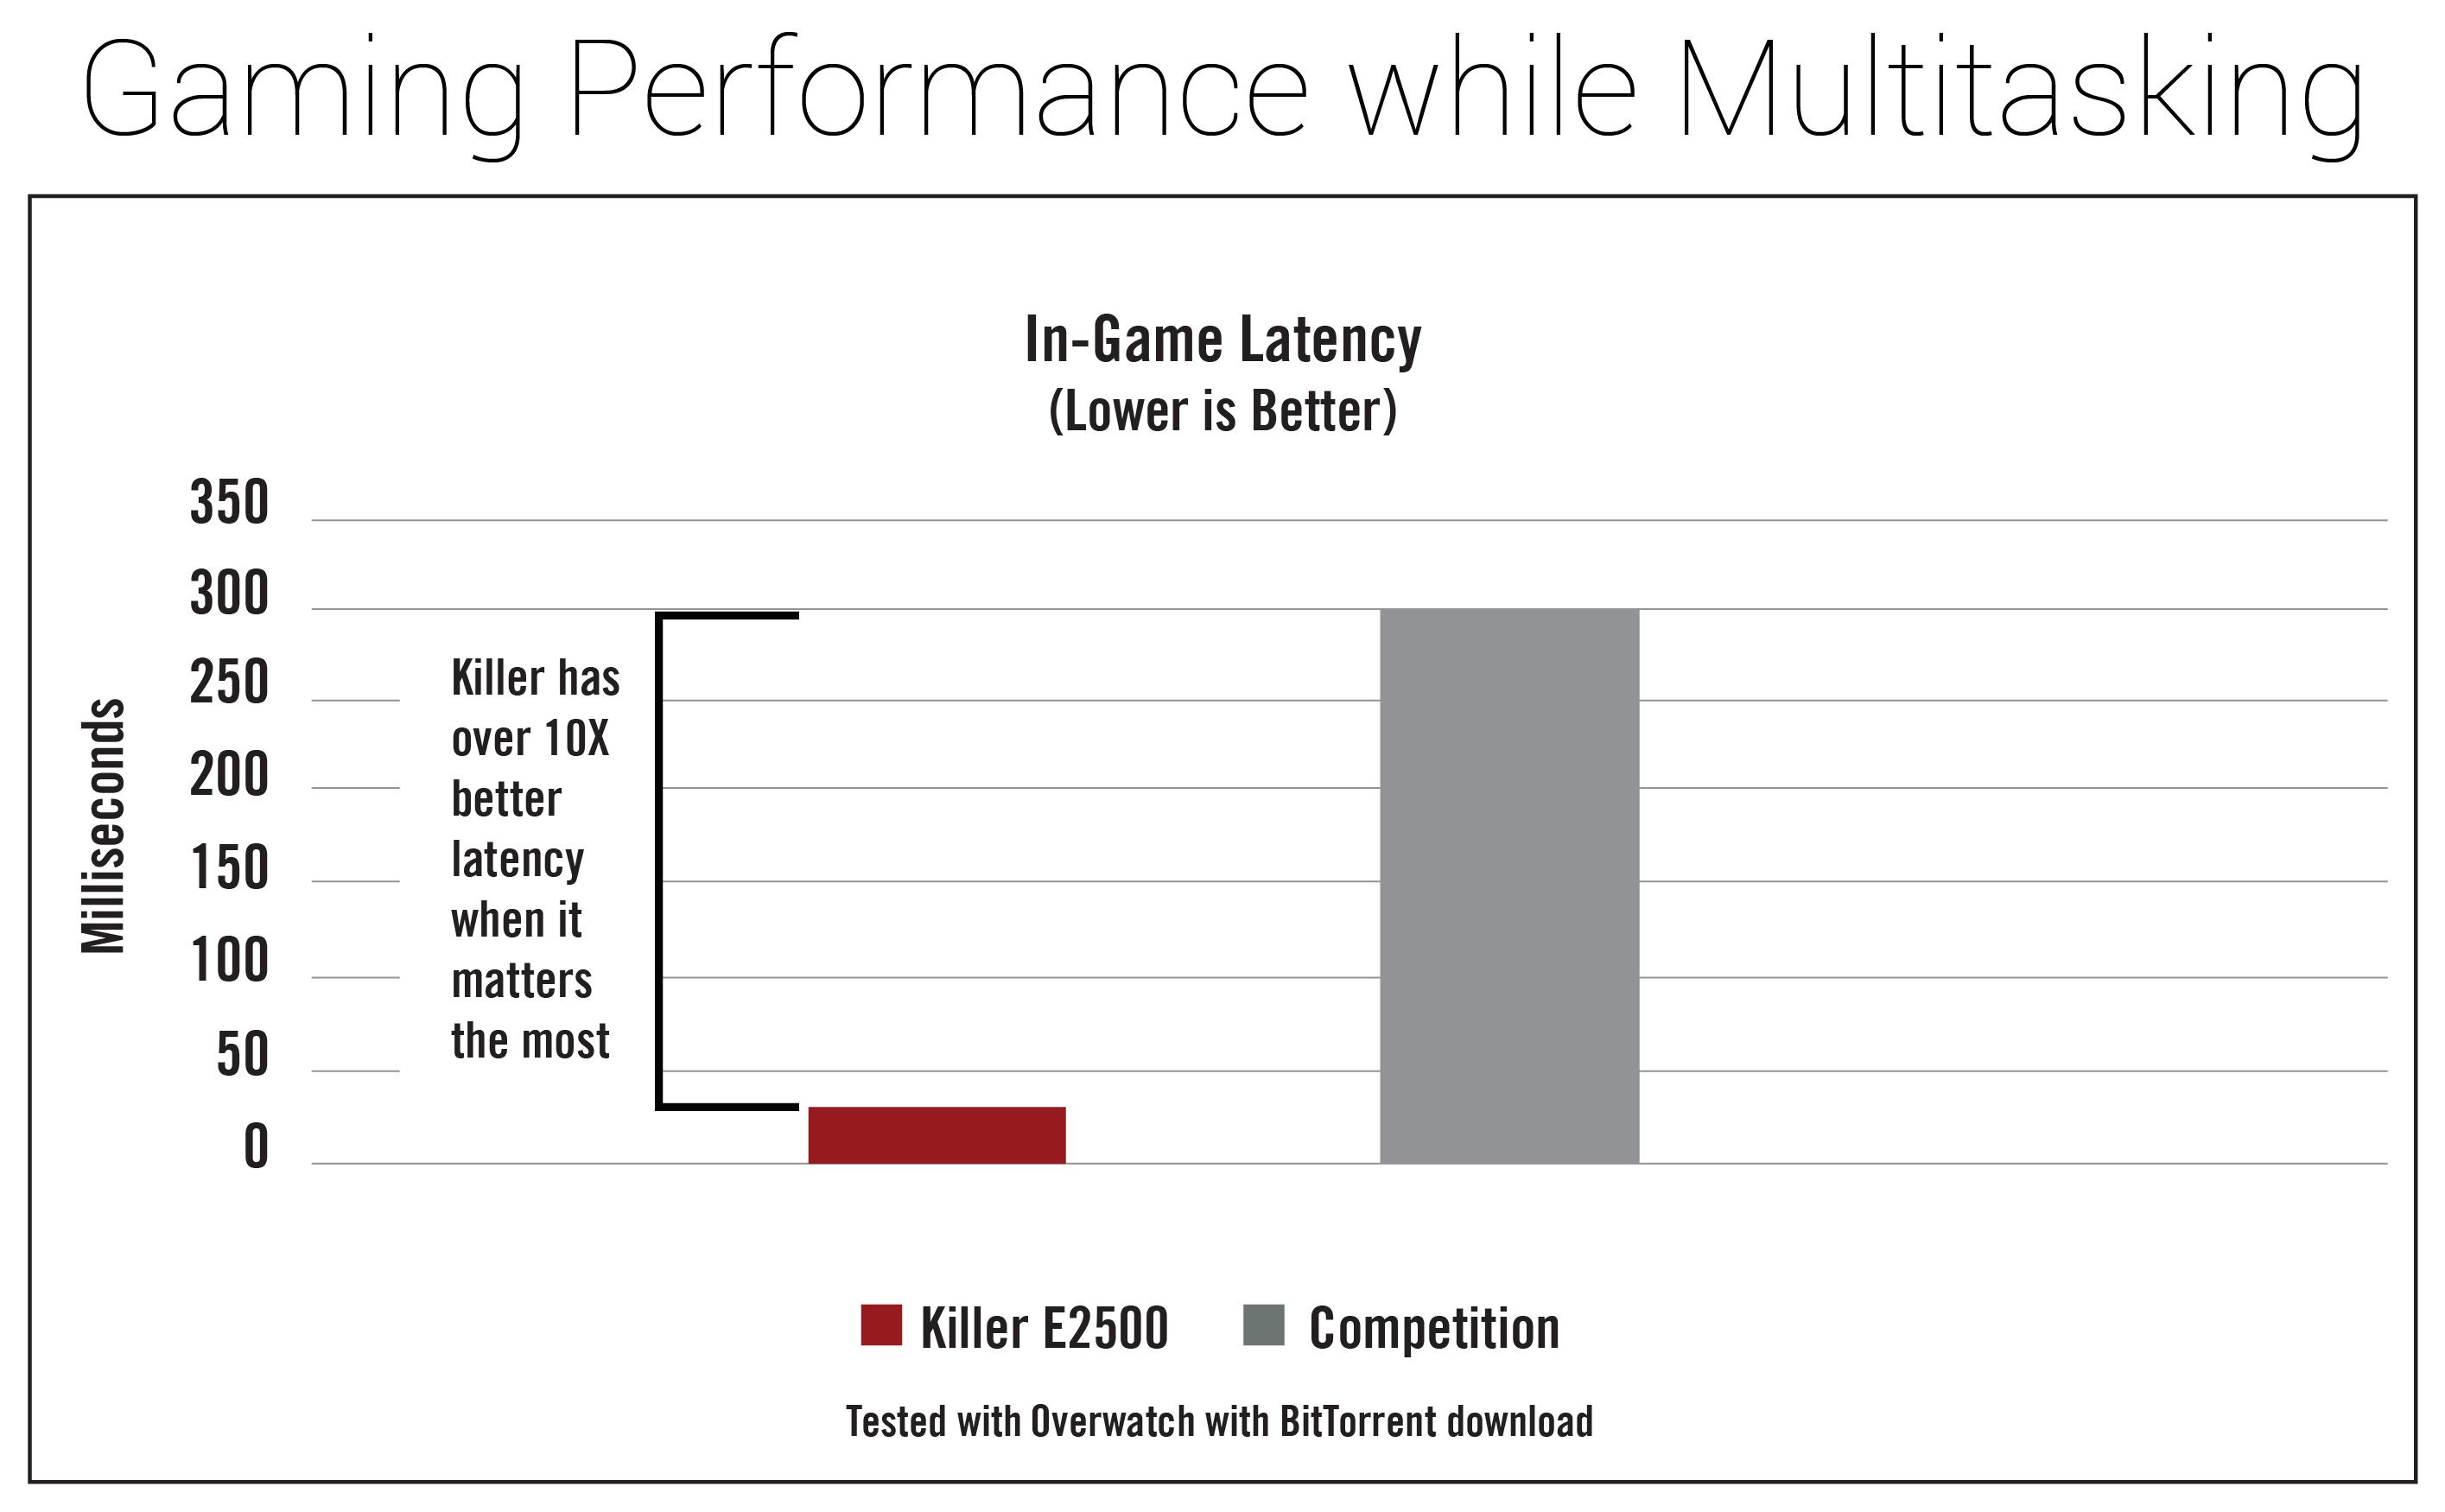 killere2500-gamingperformance.jpg